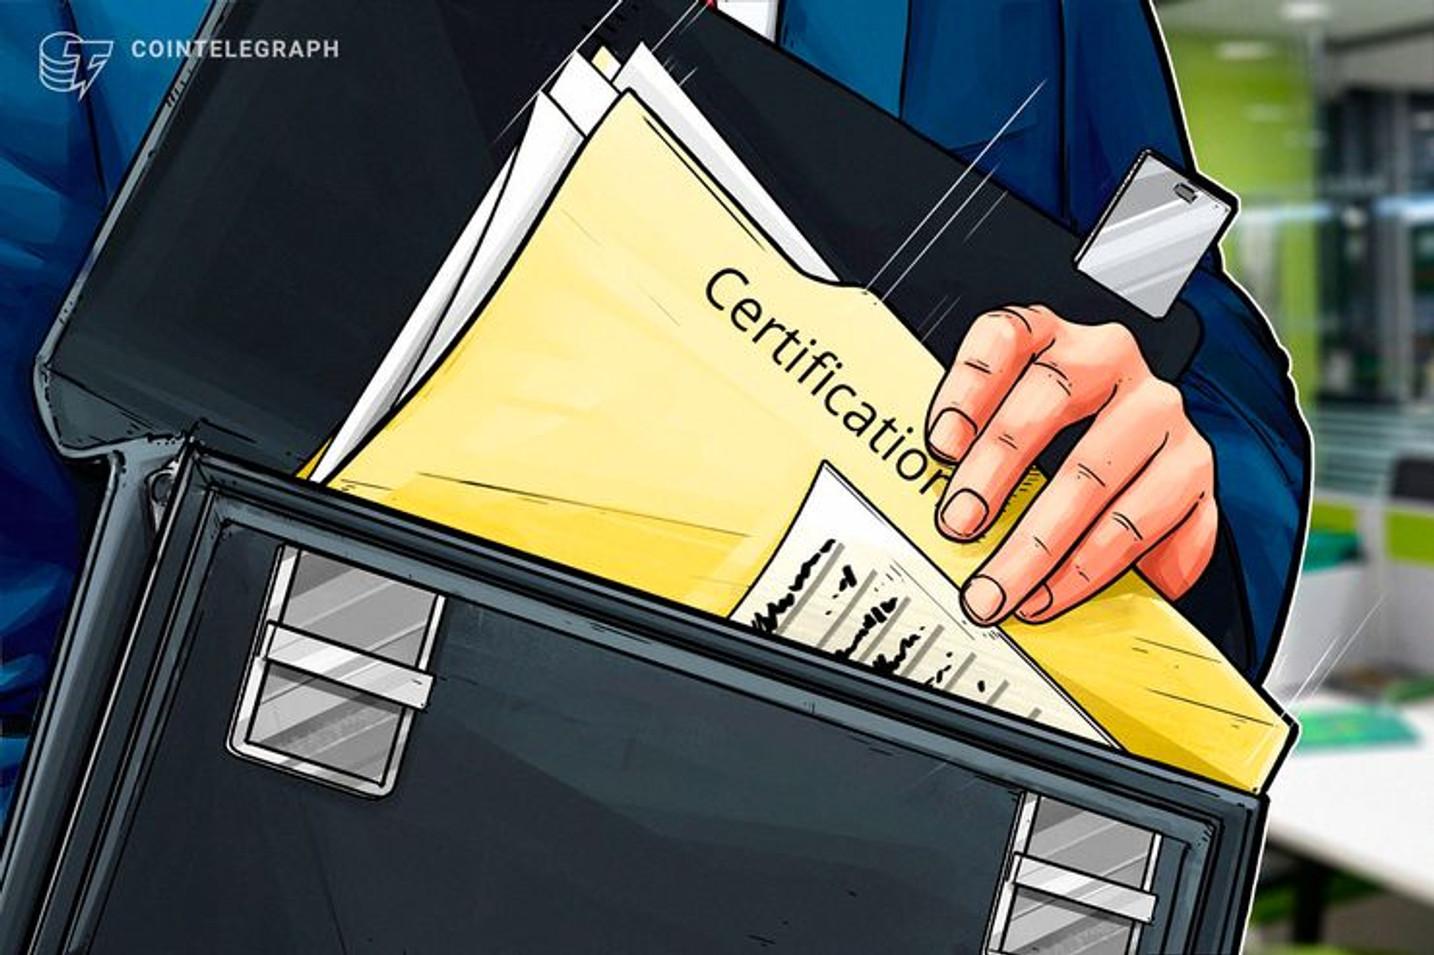 Instituto de Tecnología de la Construcción de Cataluña aplica blockchain en certificación empresarial